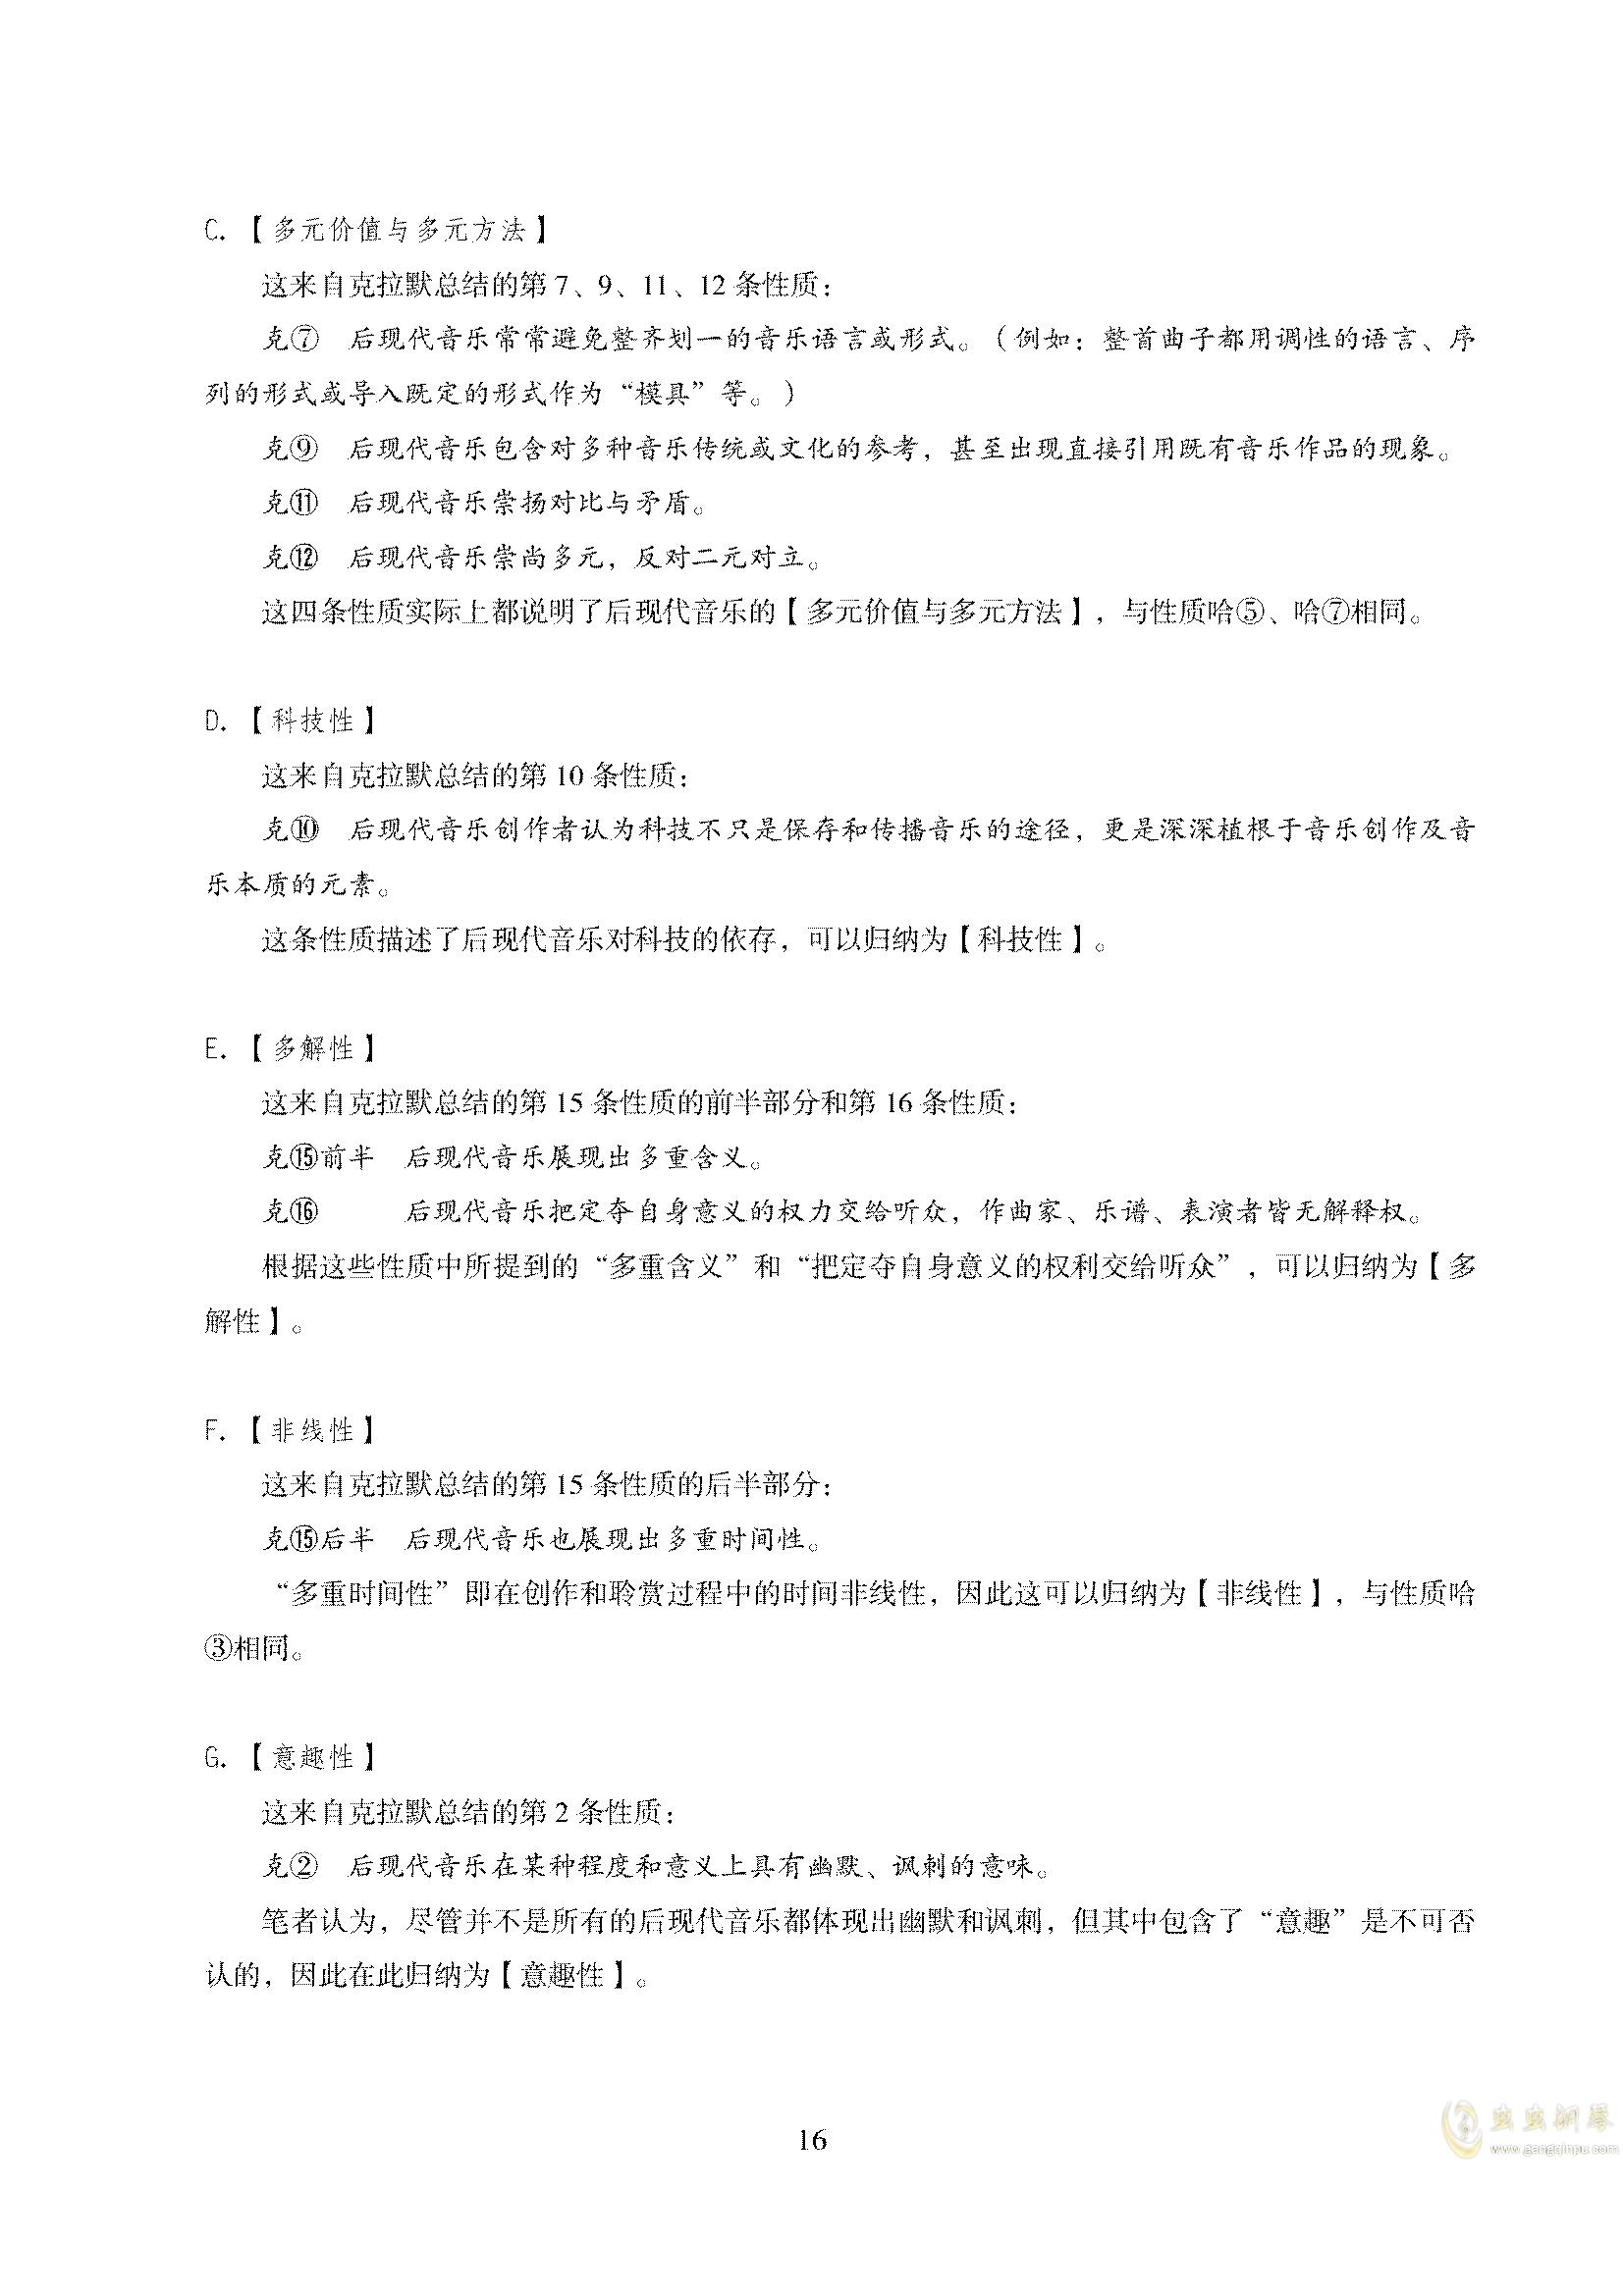 真·硕士论文ag88环亚娱乐谱 第20页